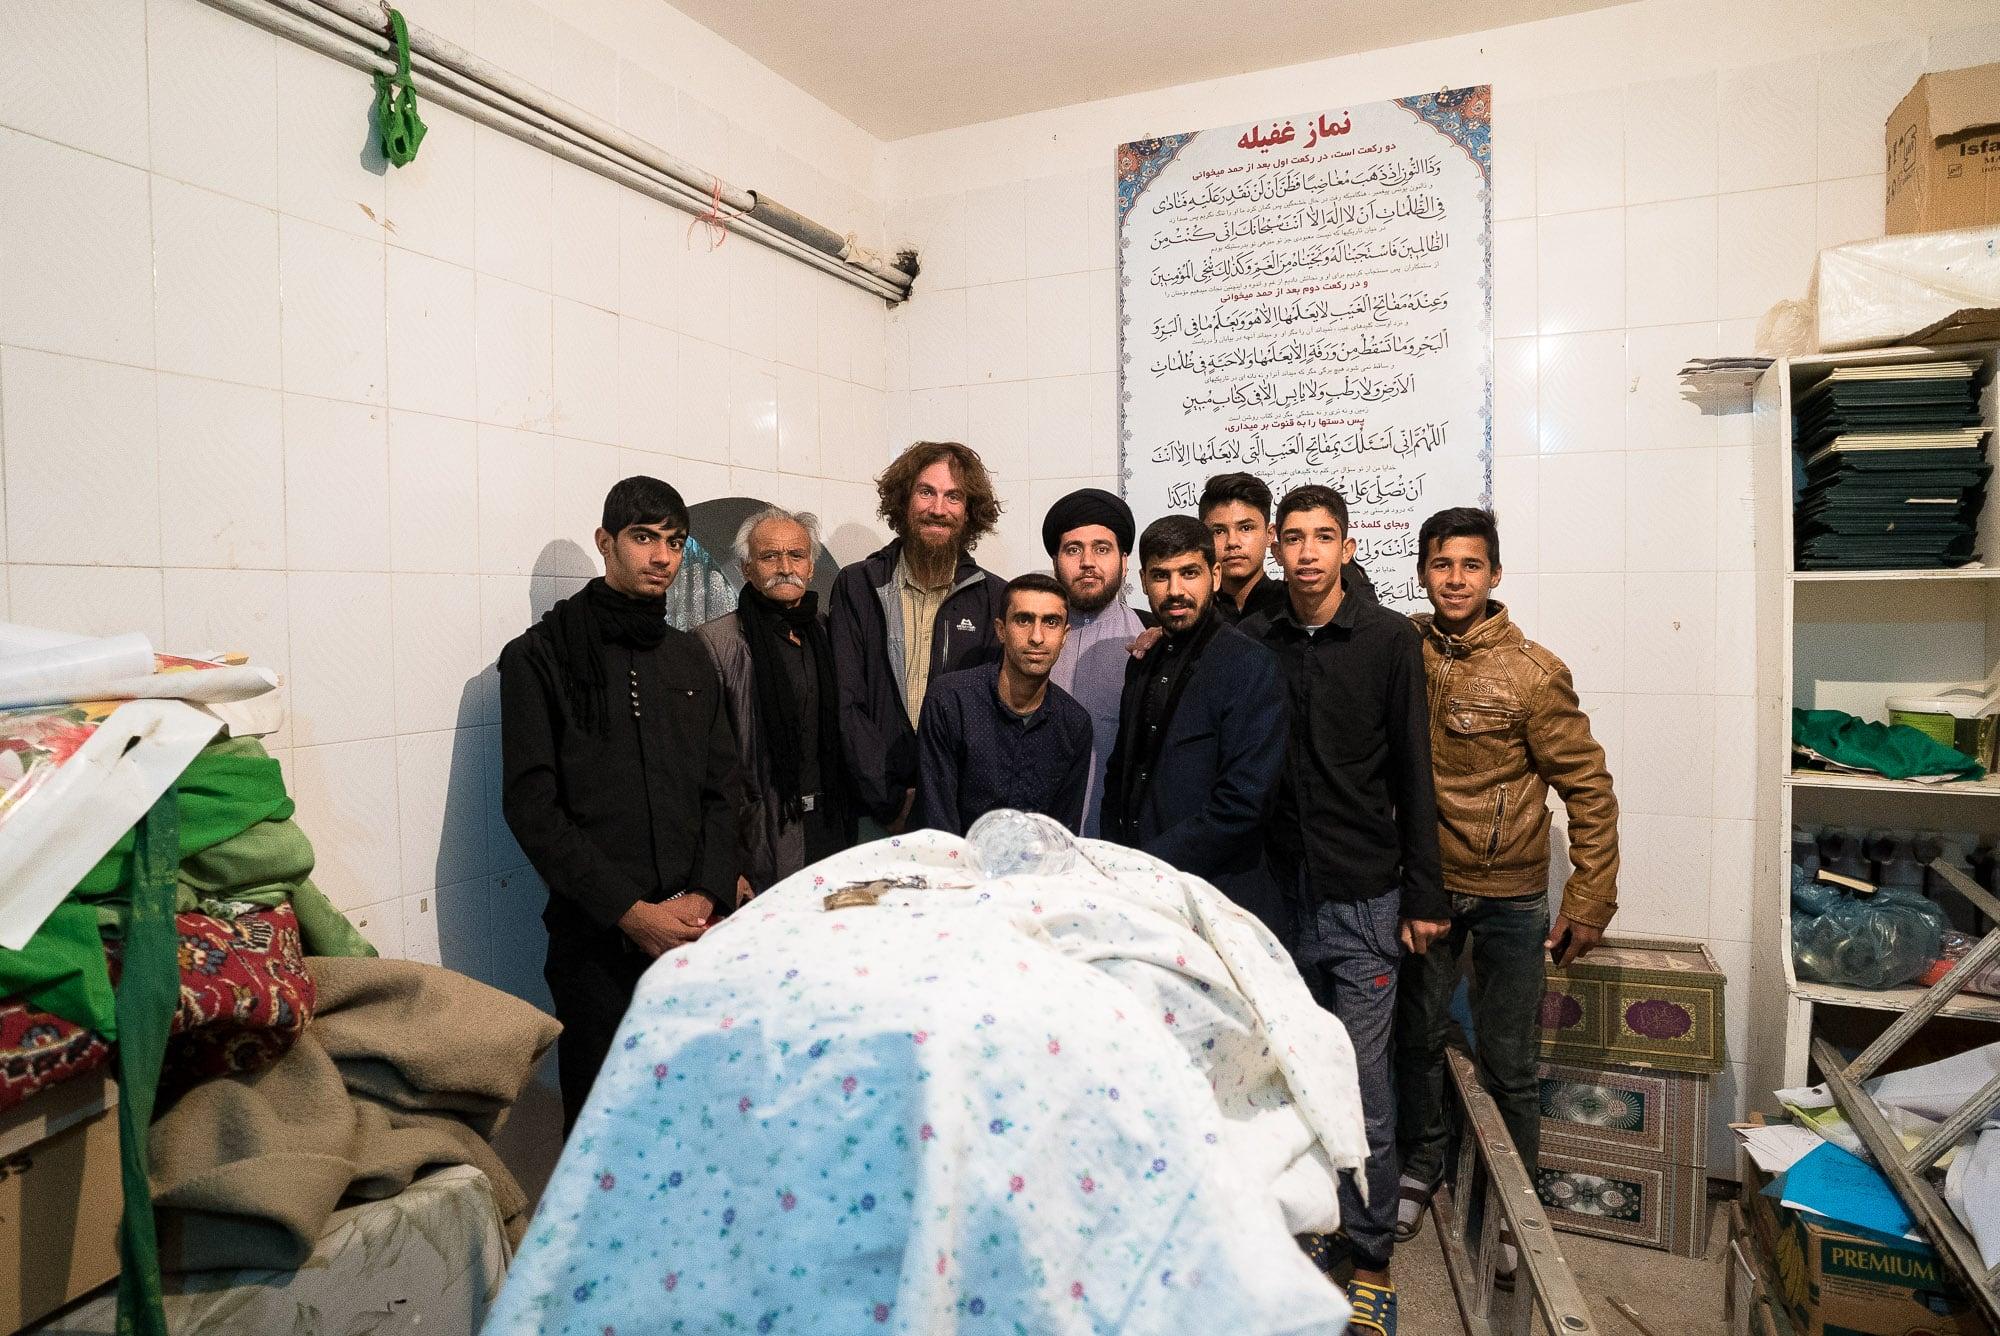 dudes from Gumbazli mosque